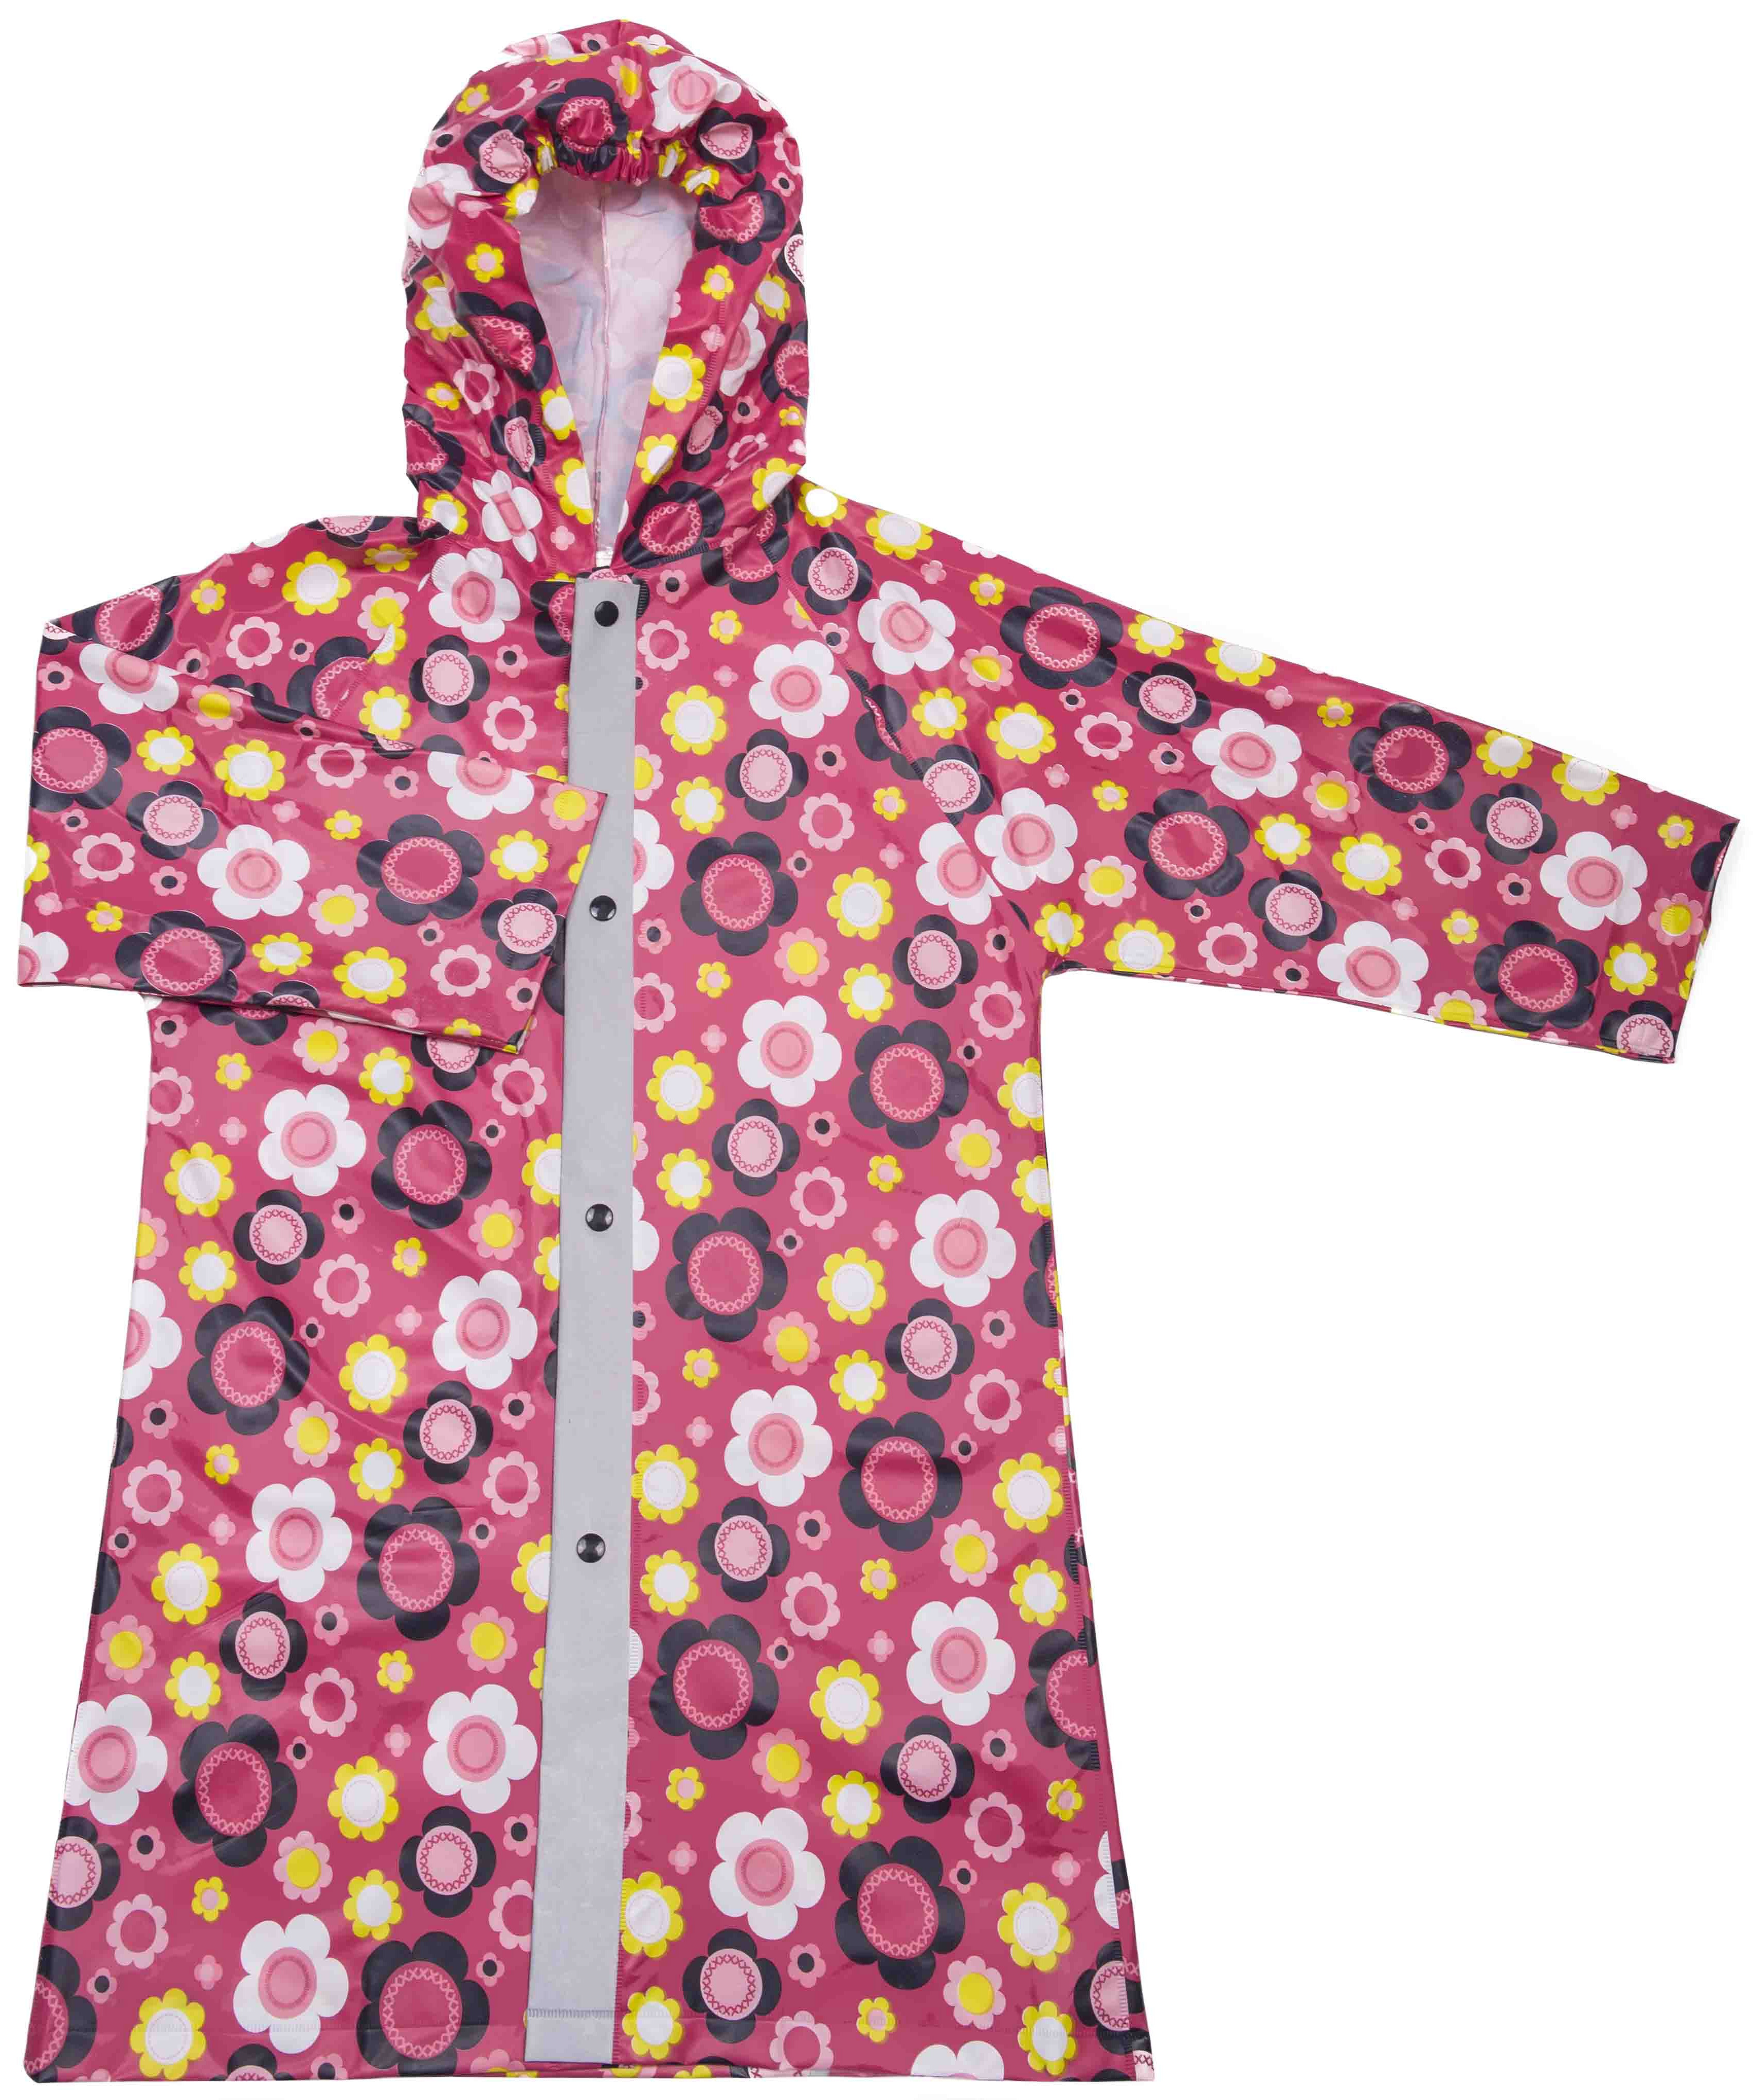 дождевики Плащи и дождевики Barkito Цветы фуксия